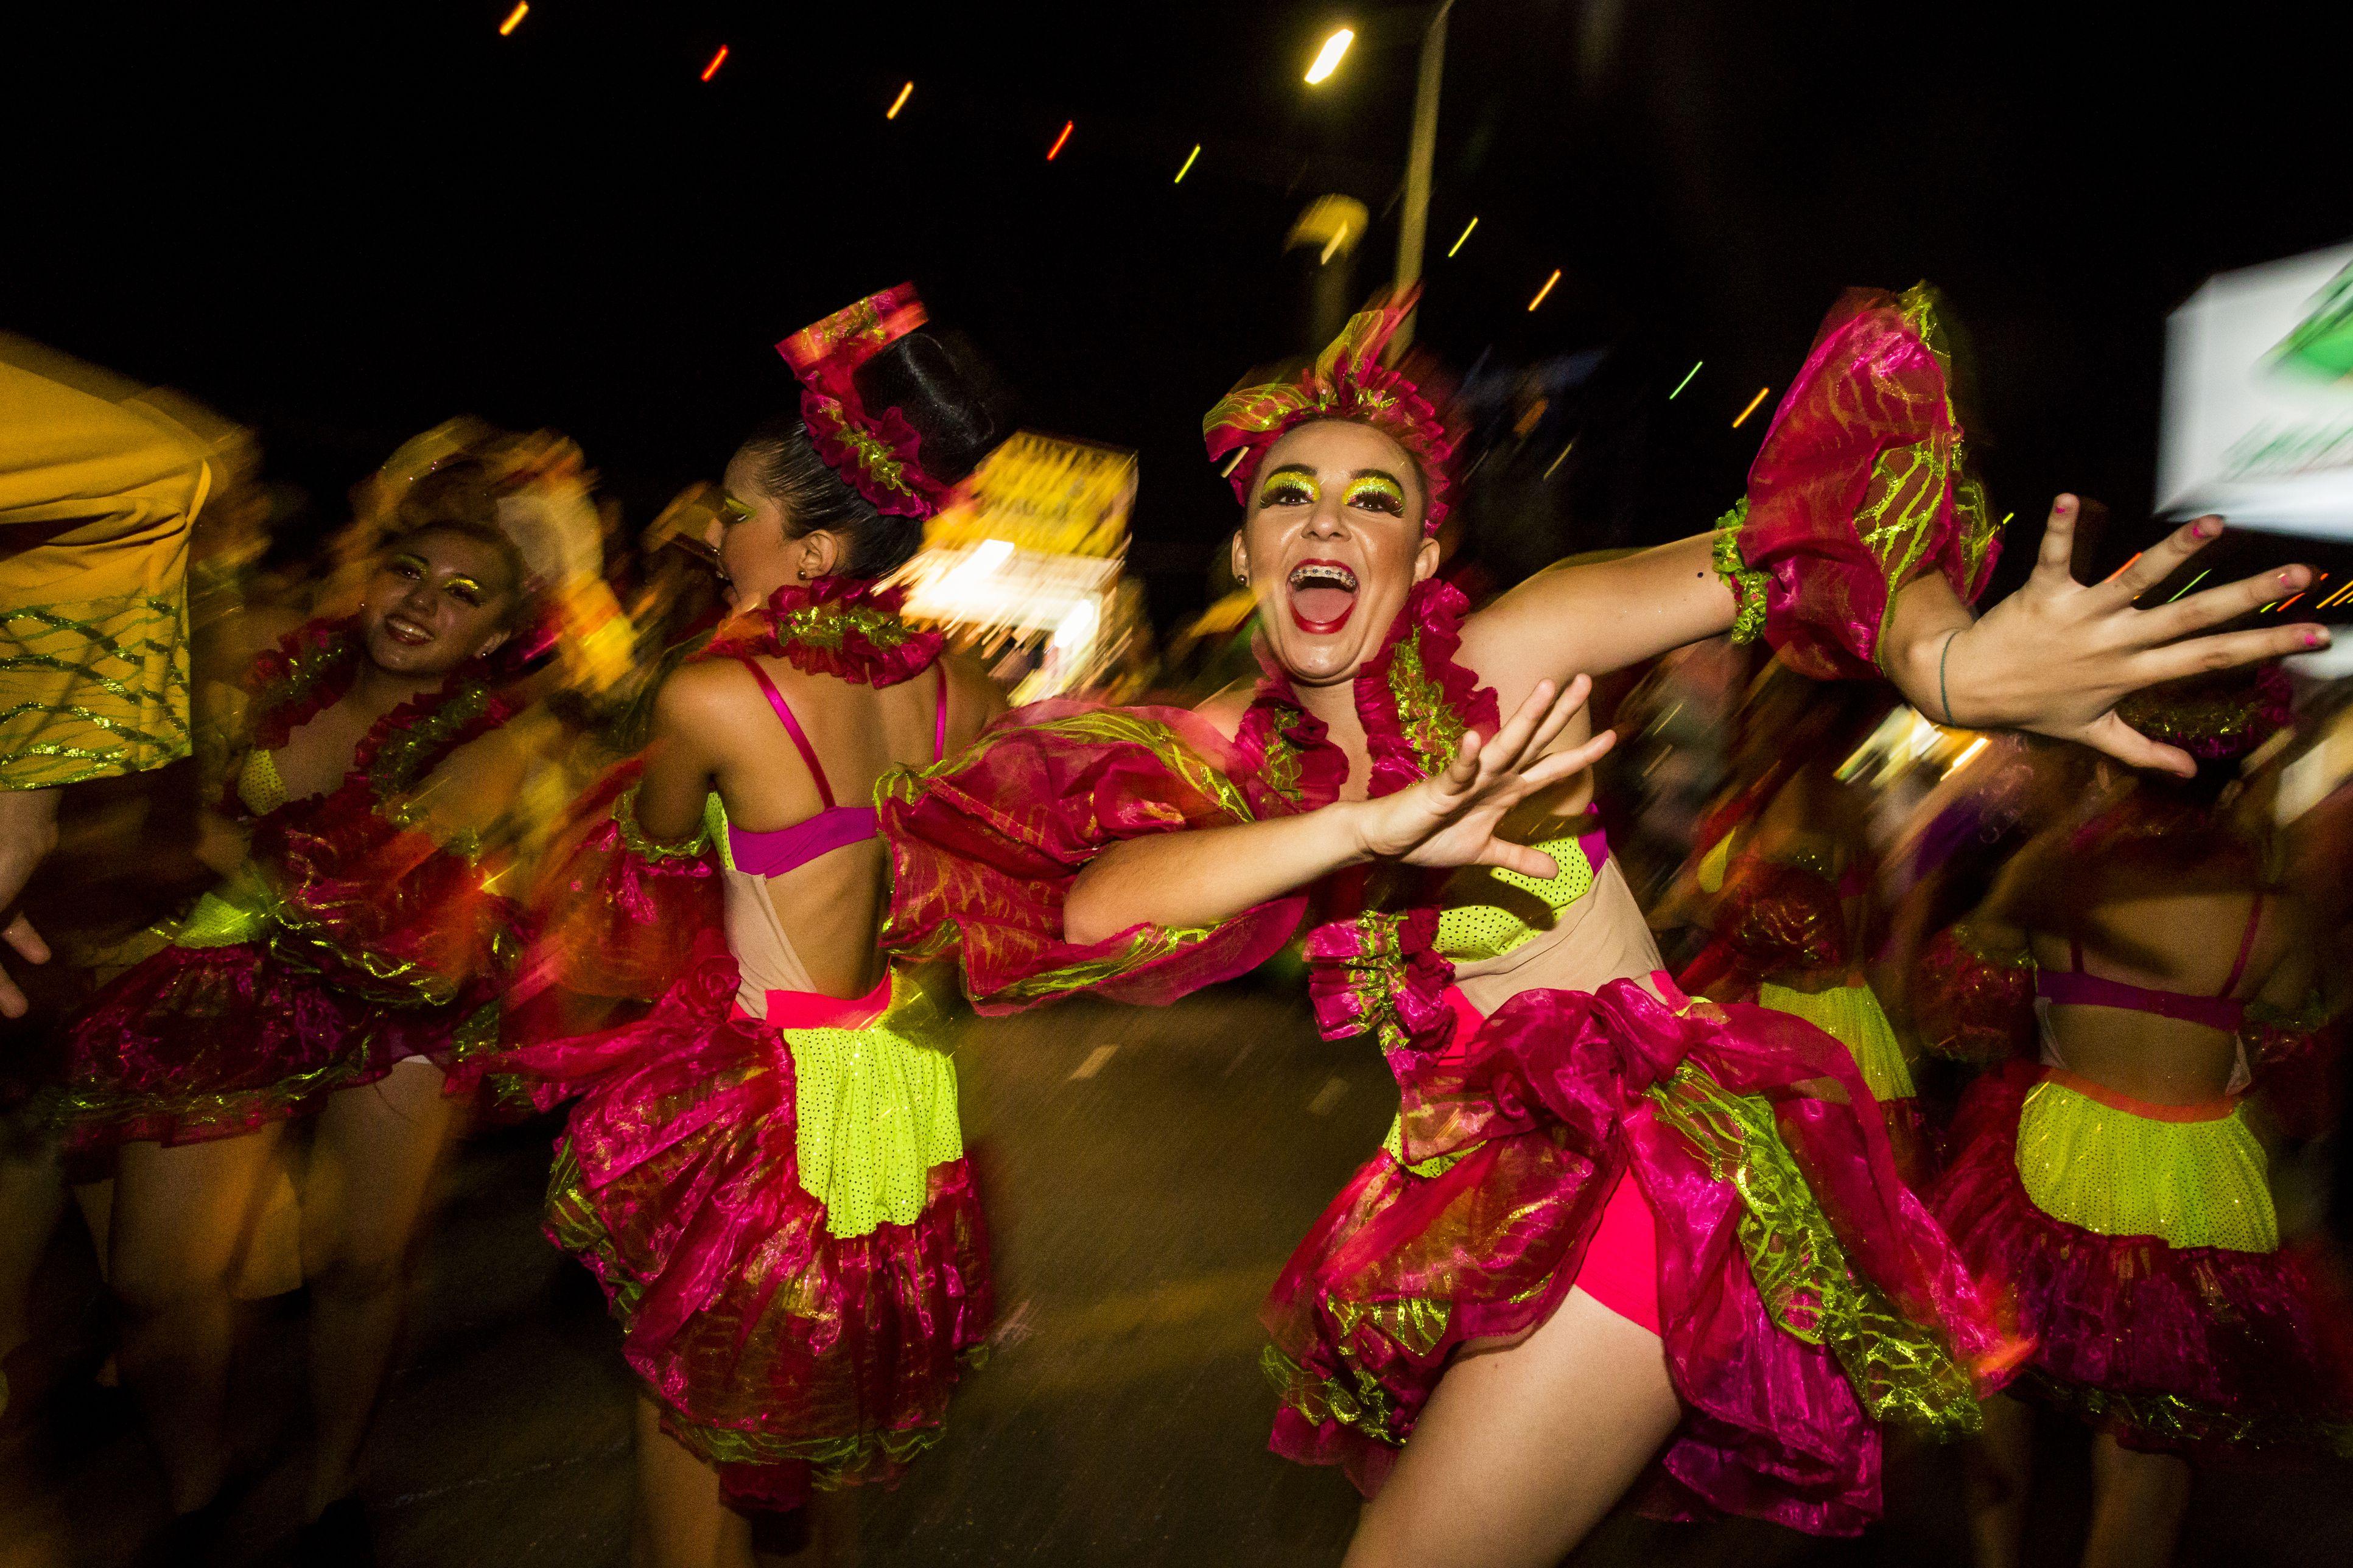 Carnaval en Mazatlán, Estado de Sinaloa, México